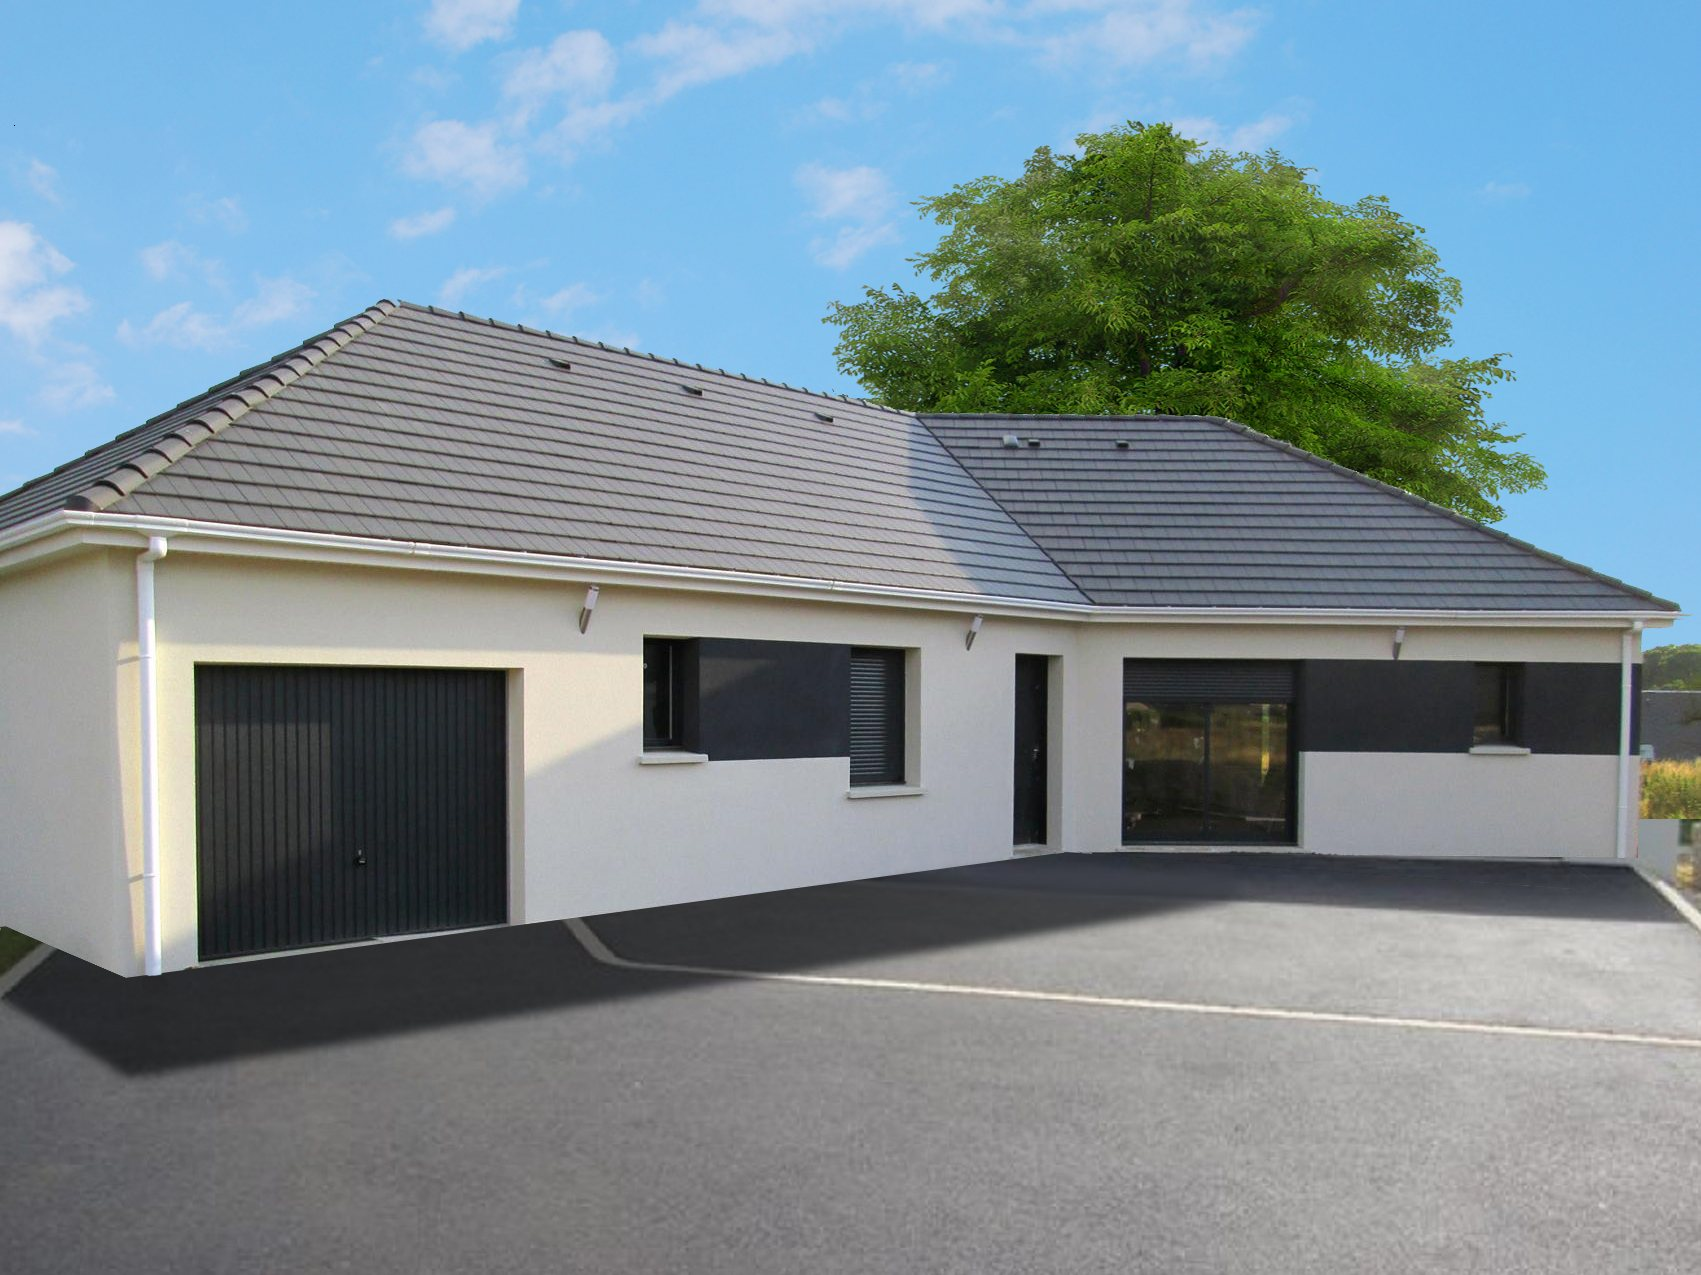 Maisons + Terrains du constructeur MAISON CASTOR • 120 m² • SAINT PIERRE DU VAUVRAY